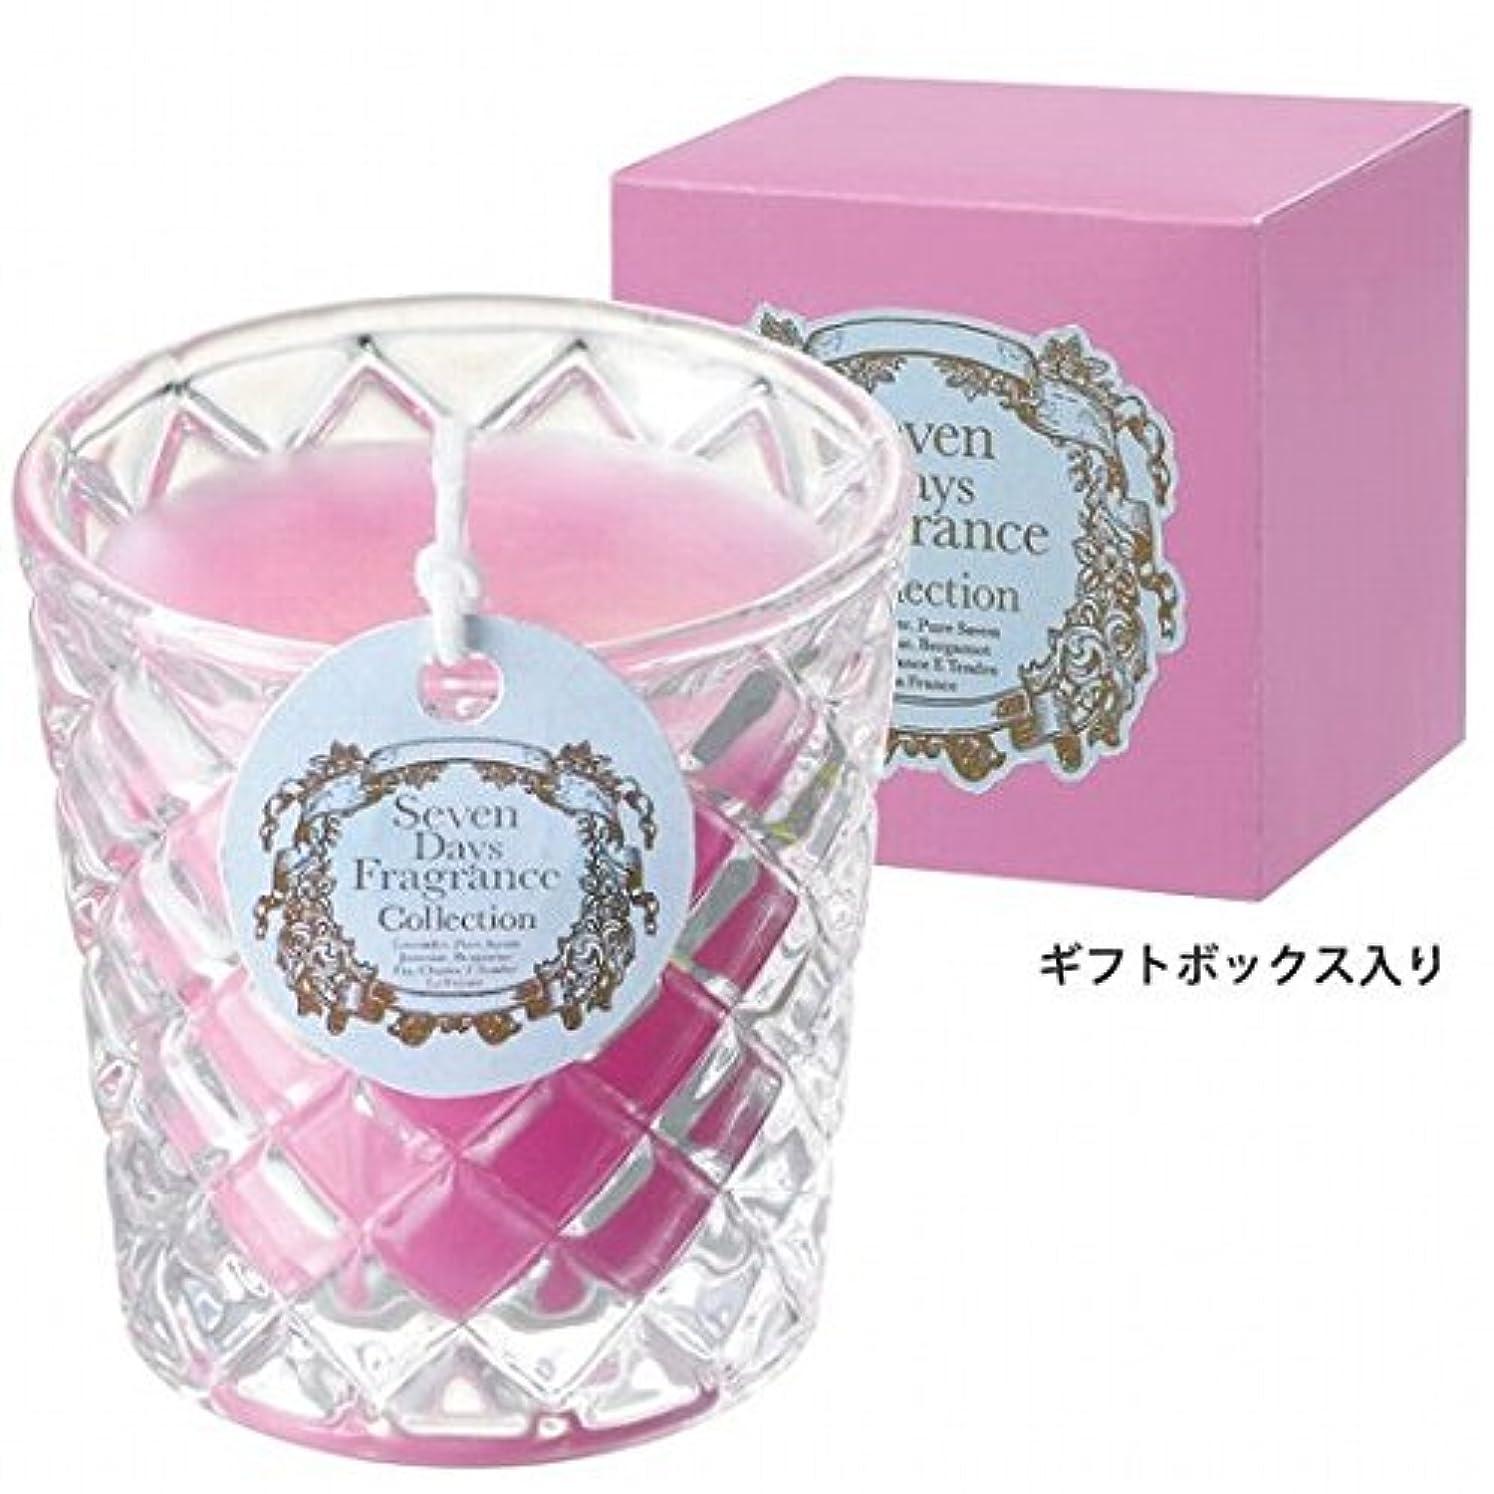 モニカ懐なんとなくカメヤマキャンドル(kameyama candle) セブンデイズグラスキャンドル(金曜日) 「 フローラルブーケ 」